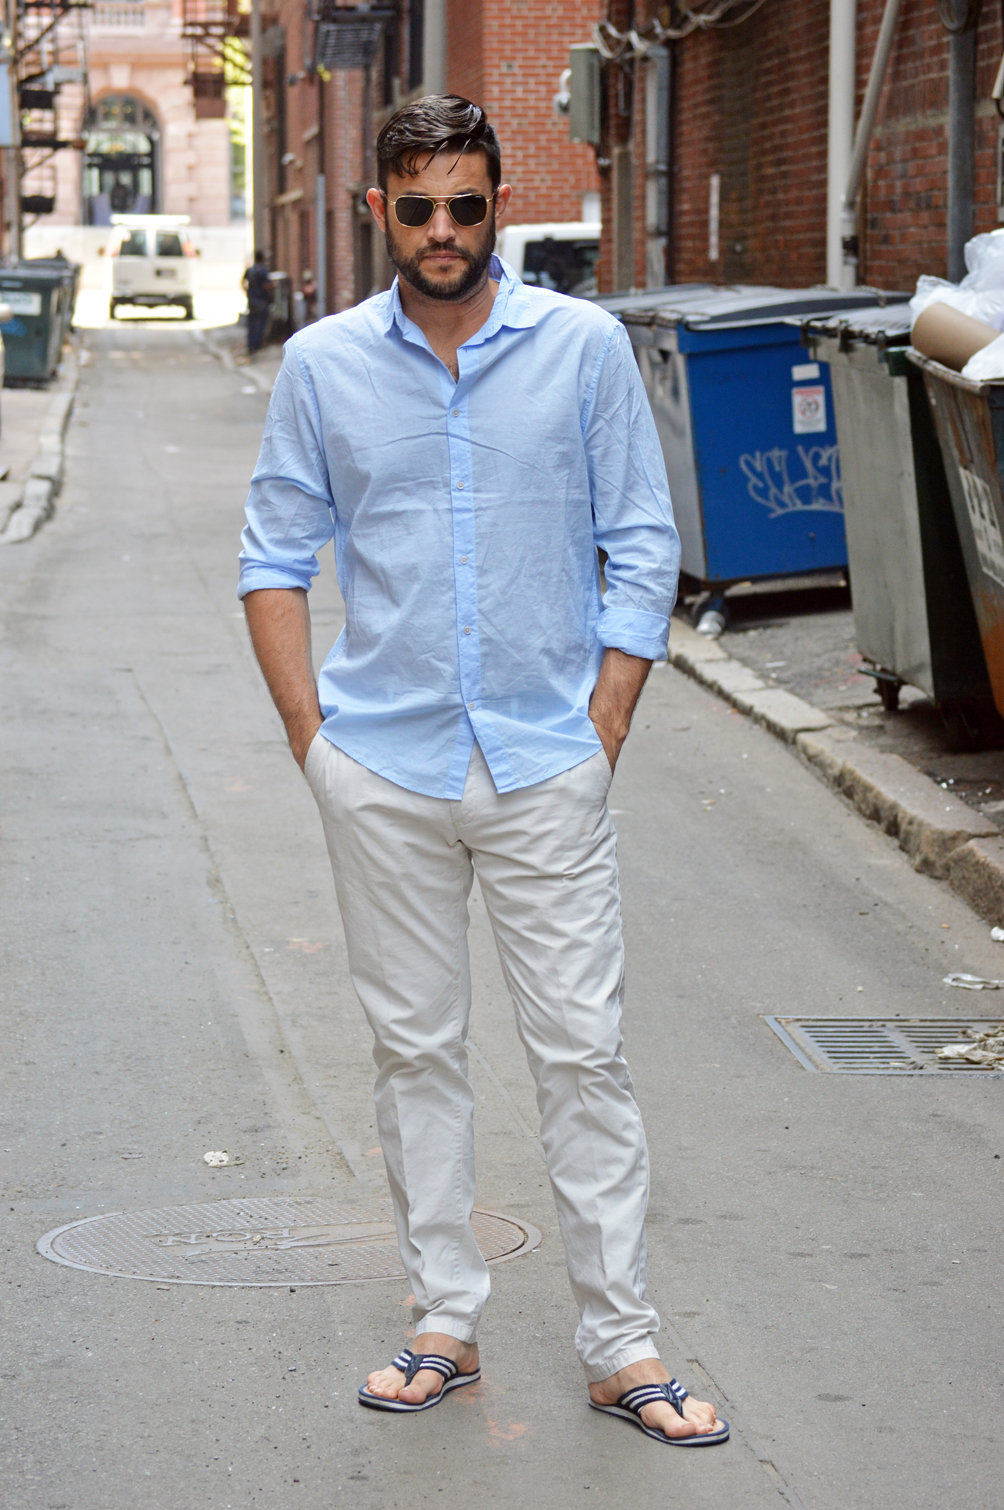 light chinos, flip flops, linen shirt